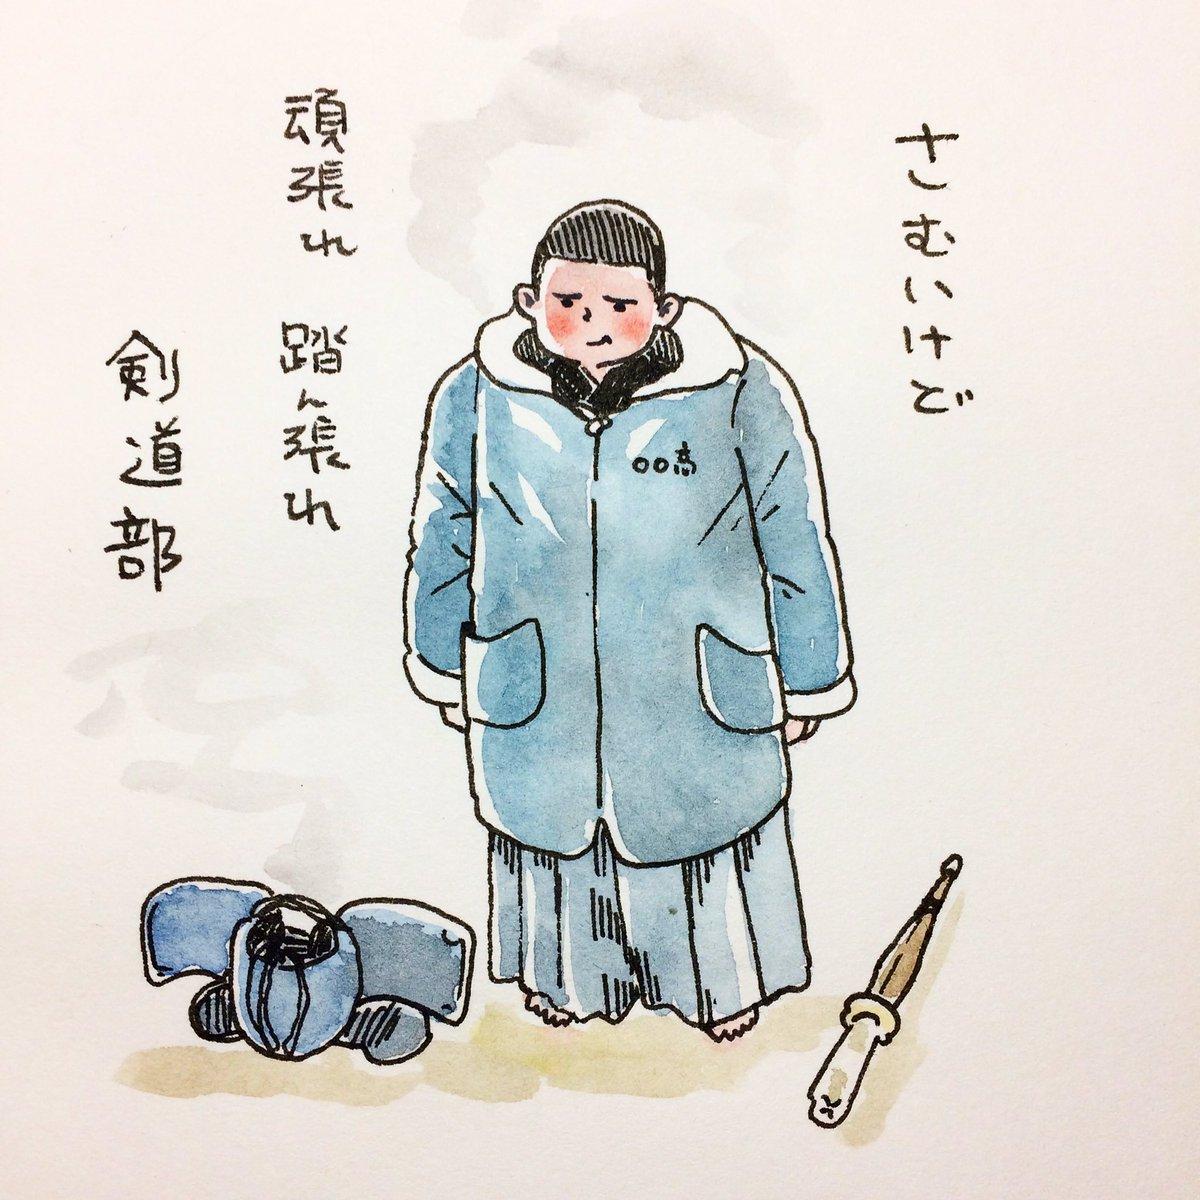 奈良裕己 At 新刊夏頃発売 On Twitter さむいけど 頑張れ踏ん張れ 剣道